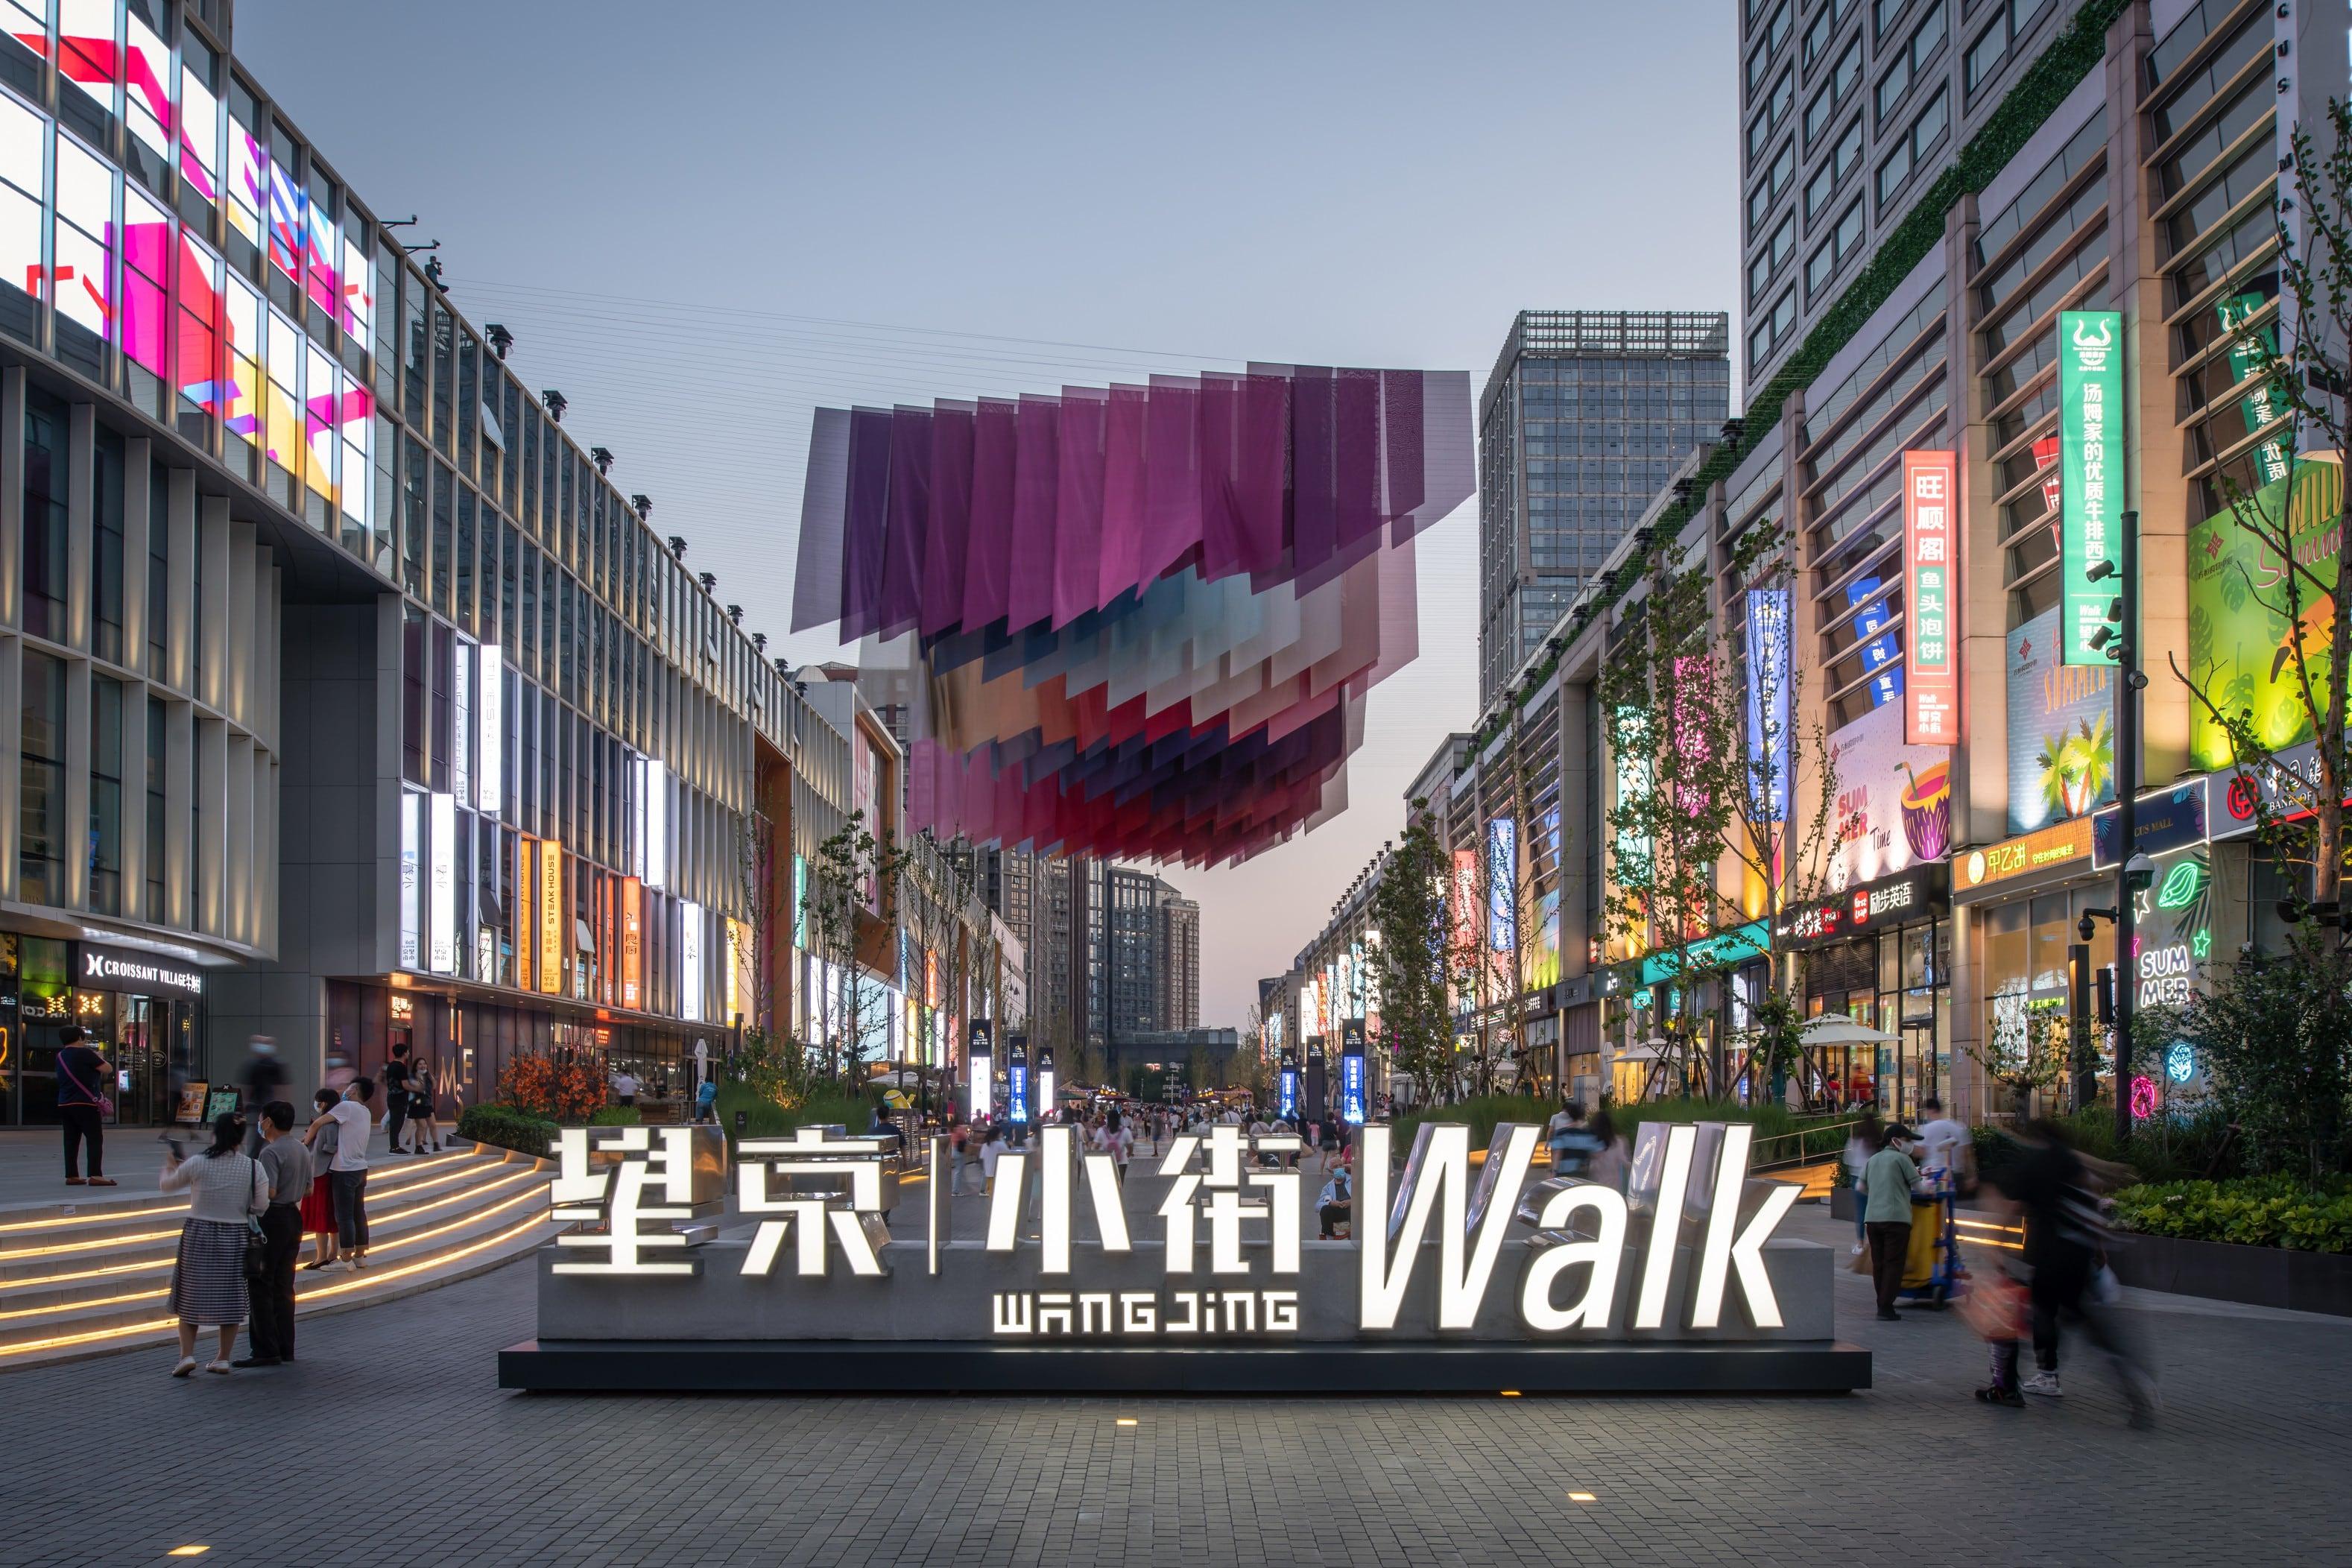 Wangjing Walk